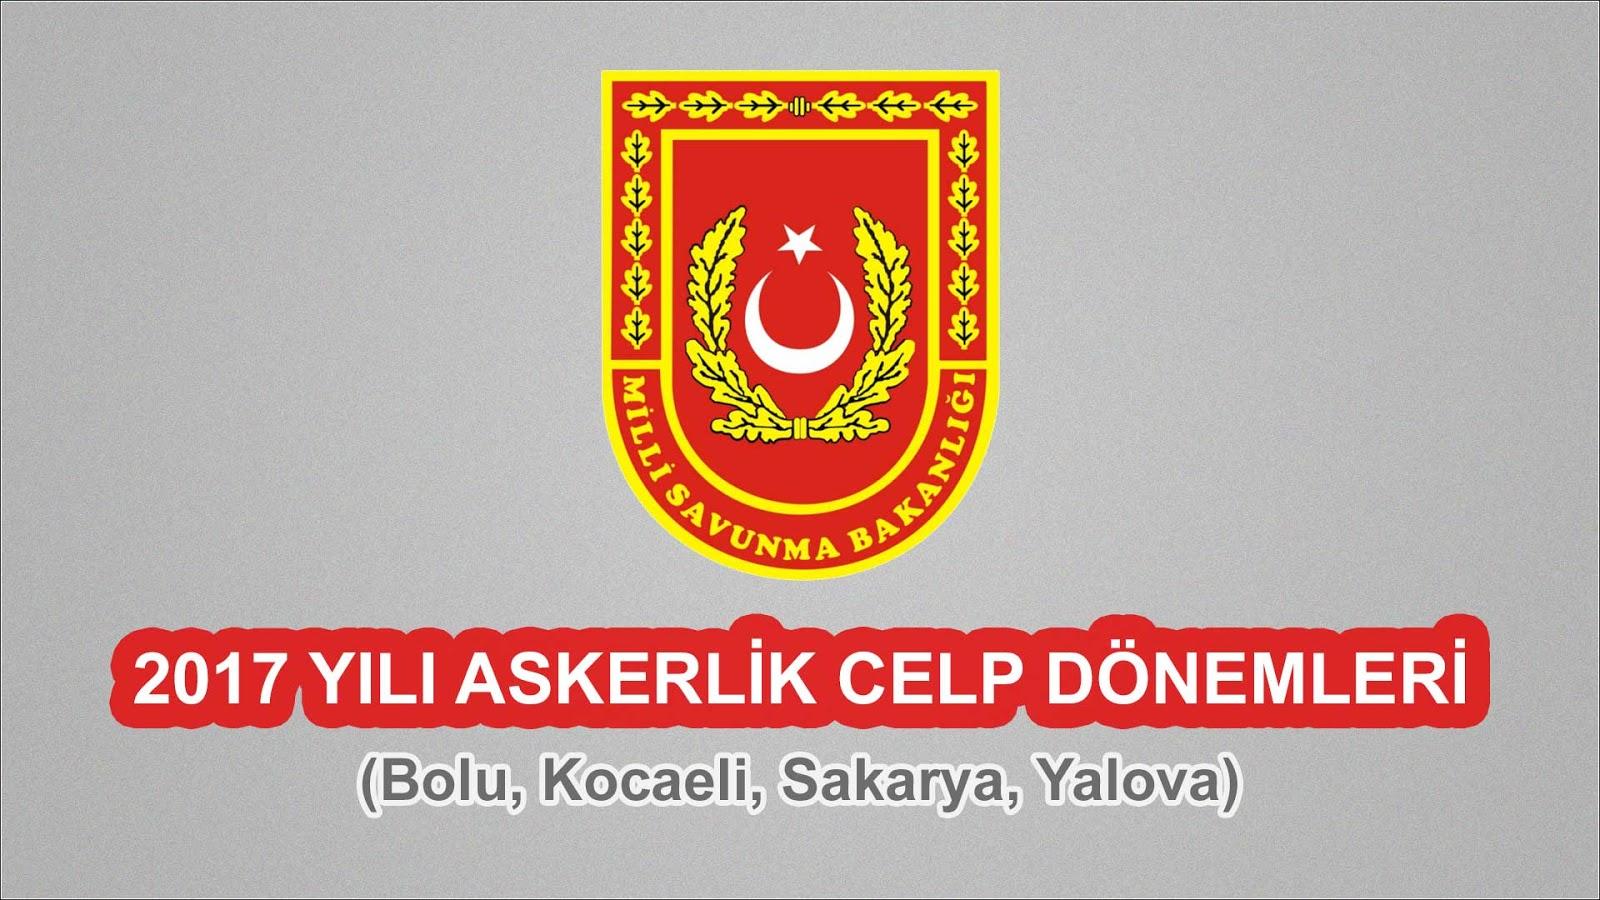 2017 Yılı Bolu, Kocaeli, Sakarya, Yalova Askerlik Celp Dönemleri